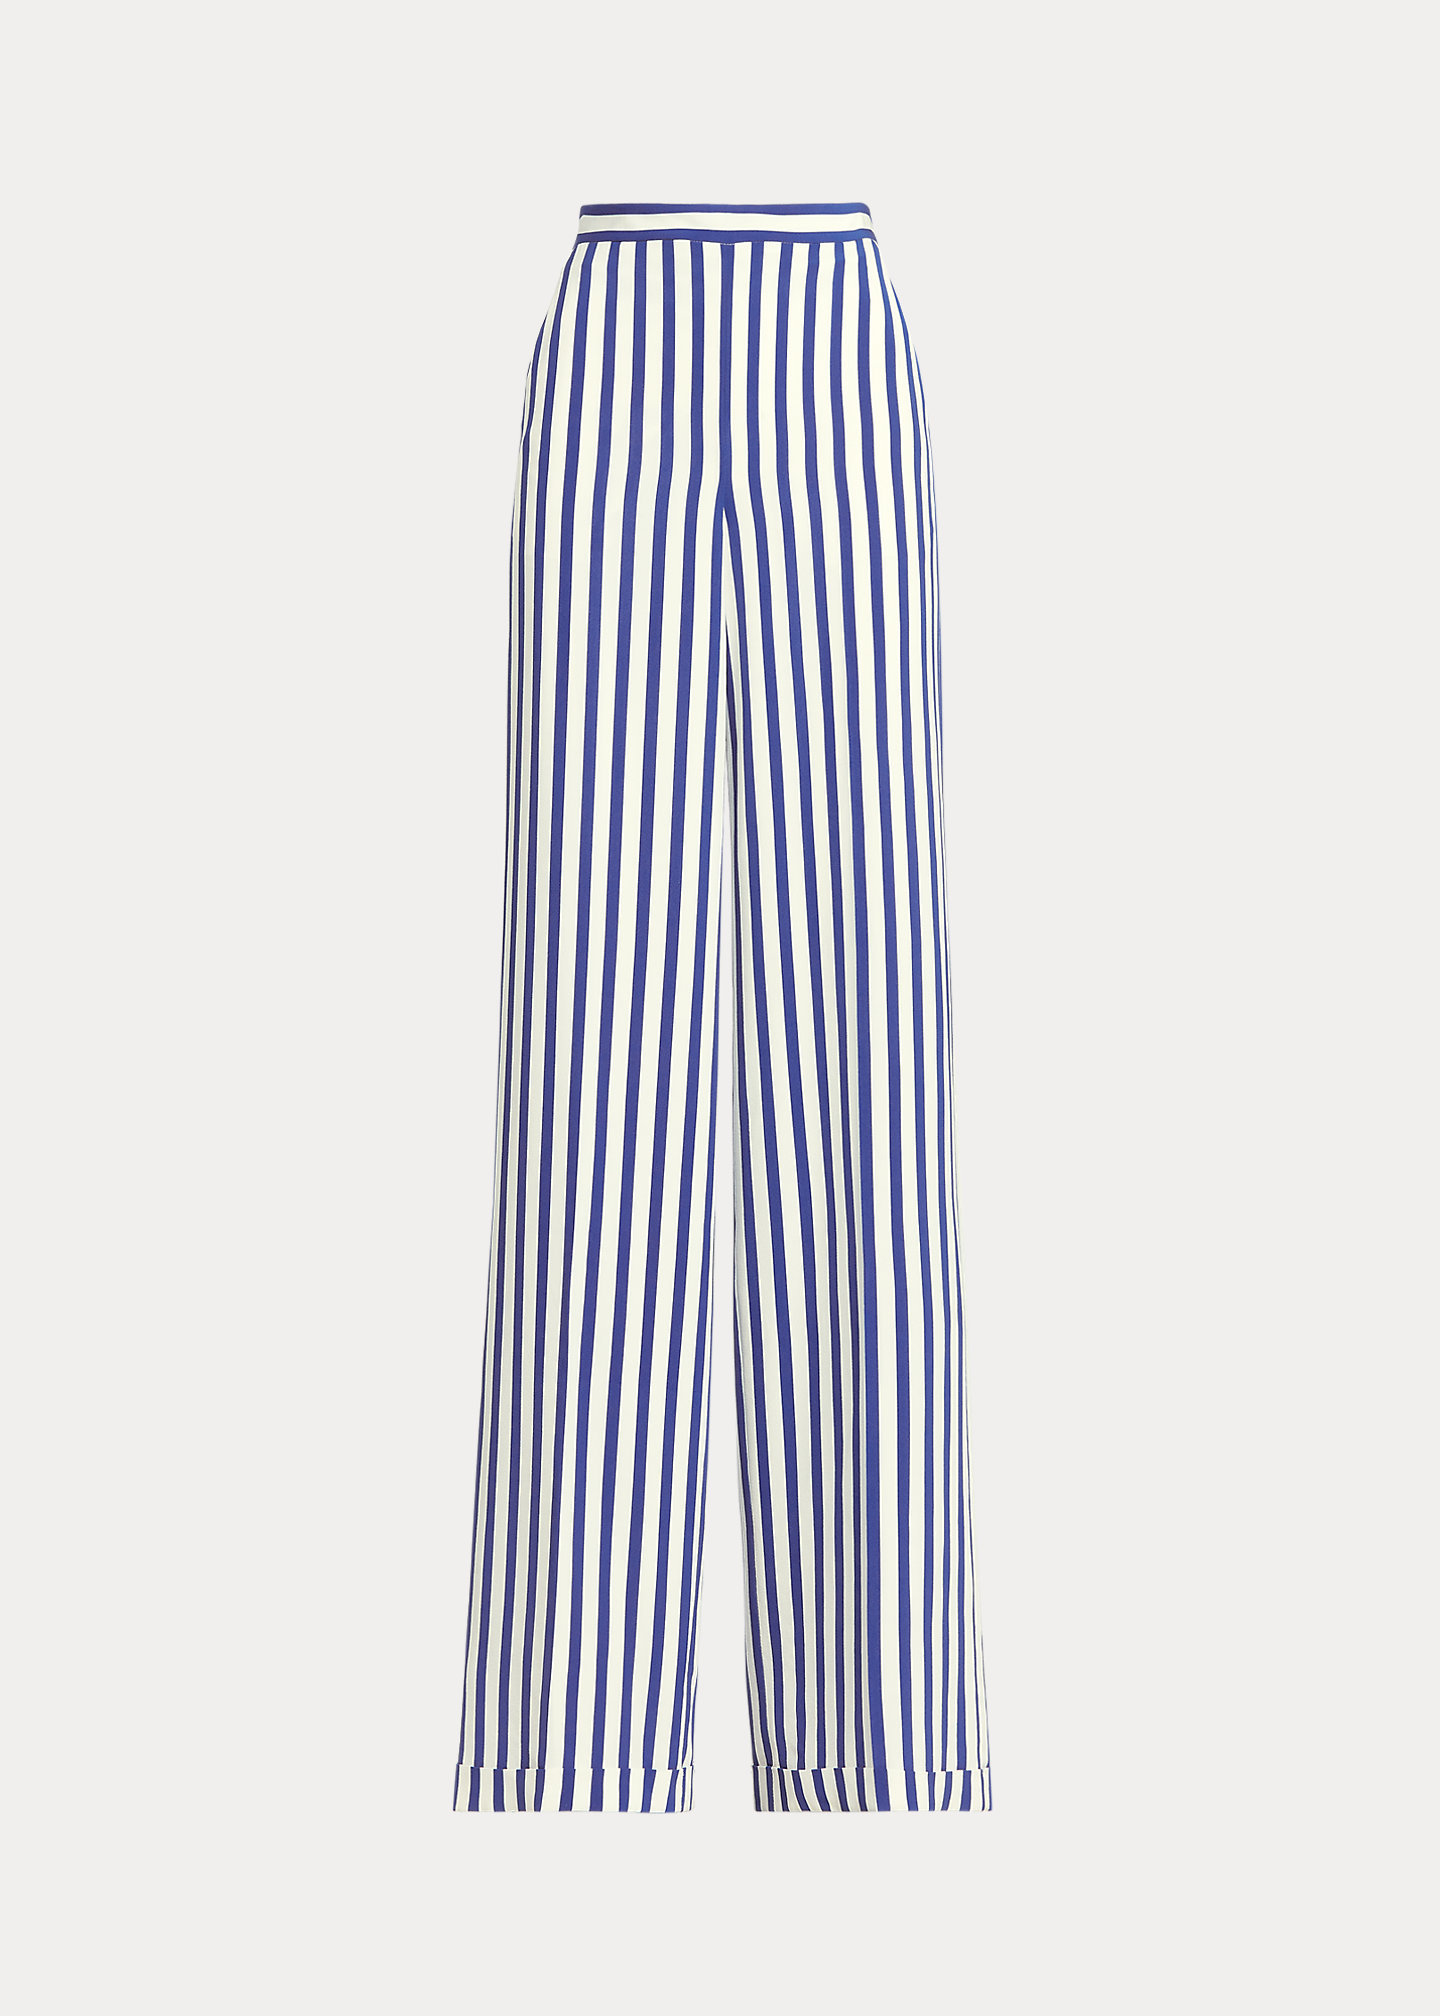 El pantalón Rhona. Es un clásico de la marca. De pernera ancha y tiro alto y dobladillo con vuelta. Está diseñado en crepé de China. Ralph Lauren Collection (735 euros, precio rebajado)